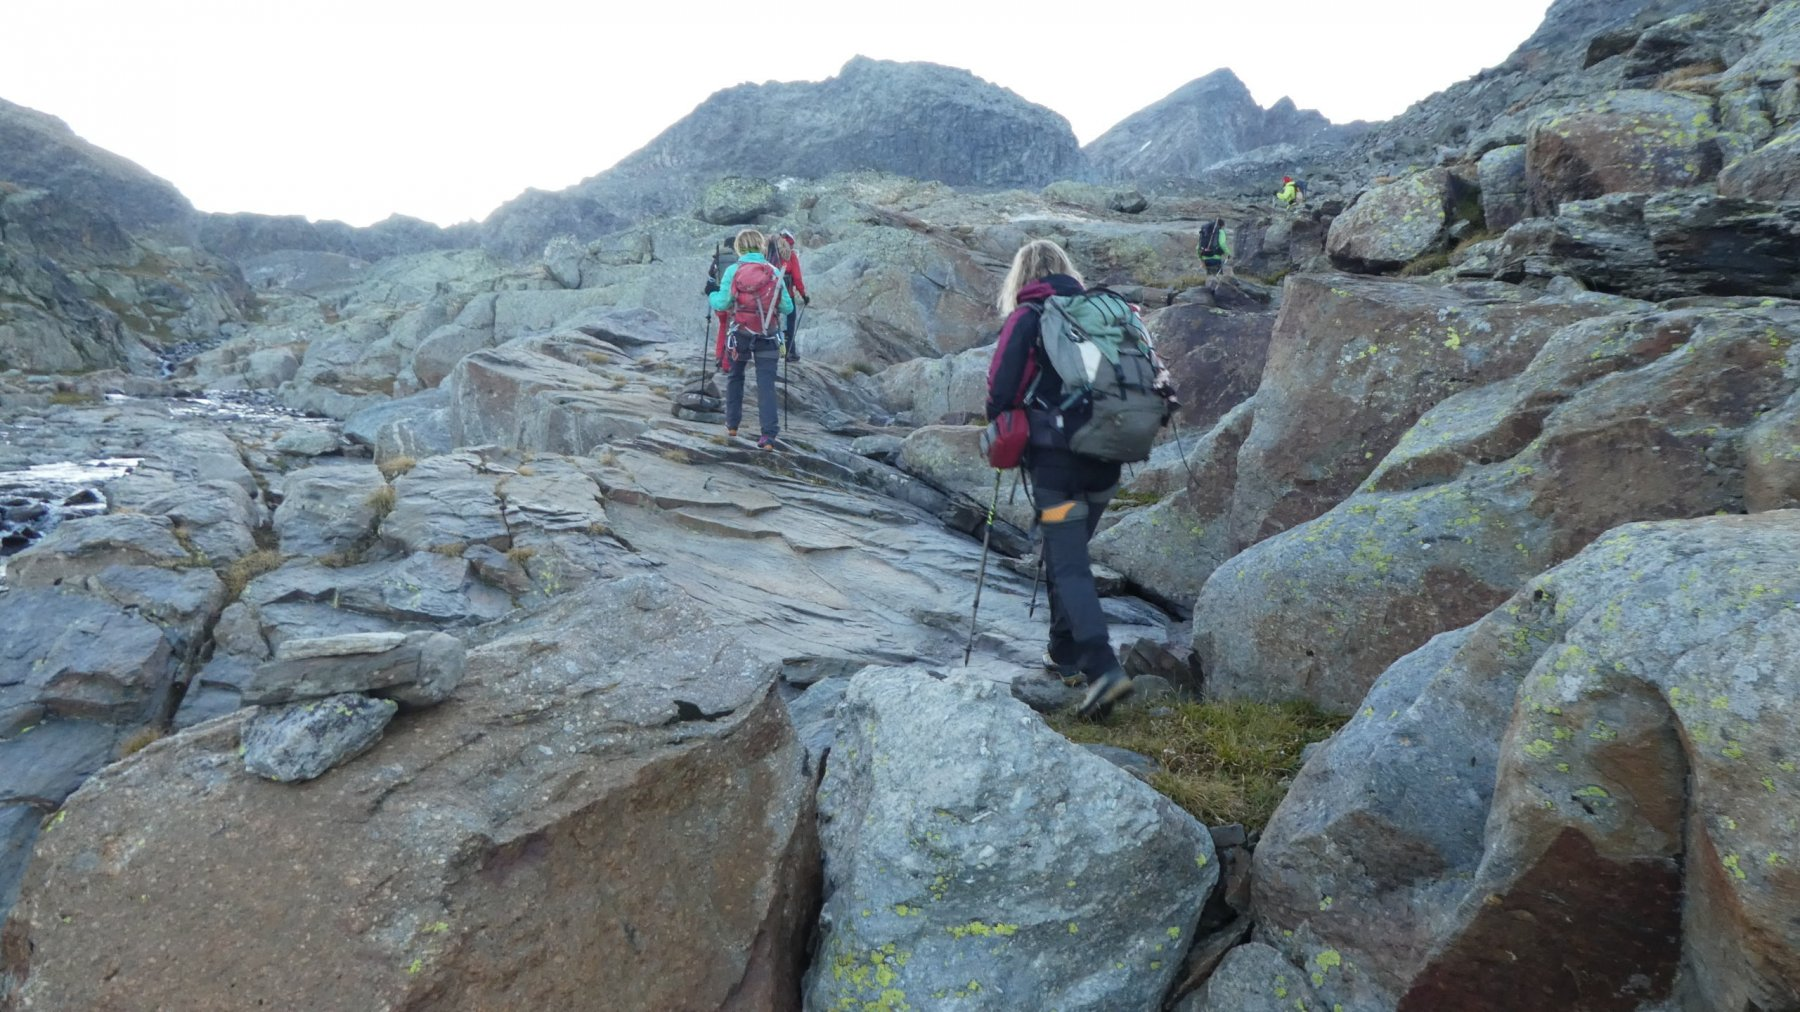 risalendo alcuni roccioni nella Valle nascosta